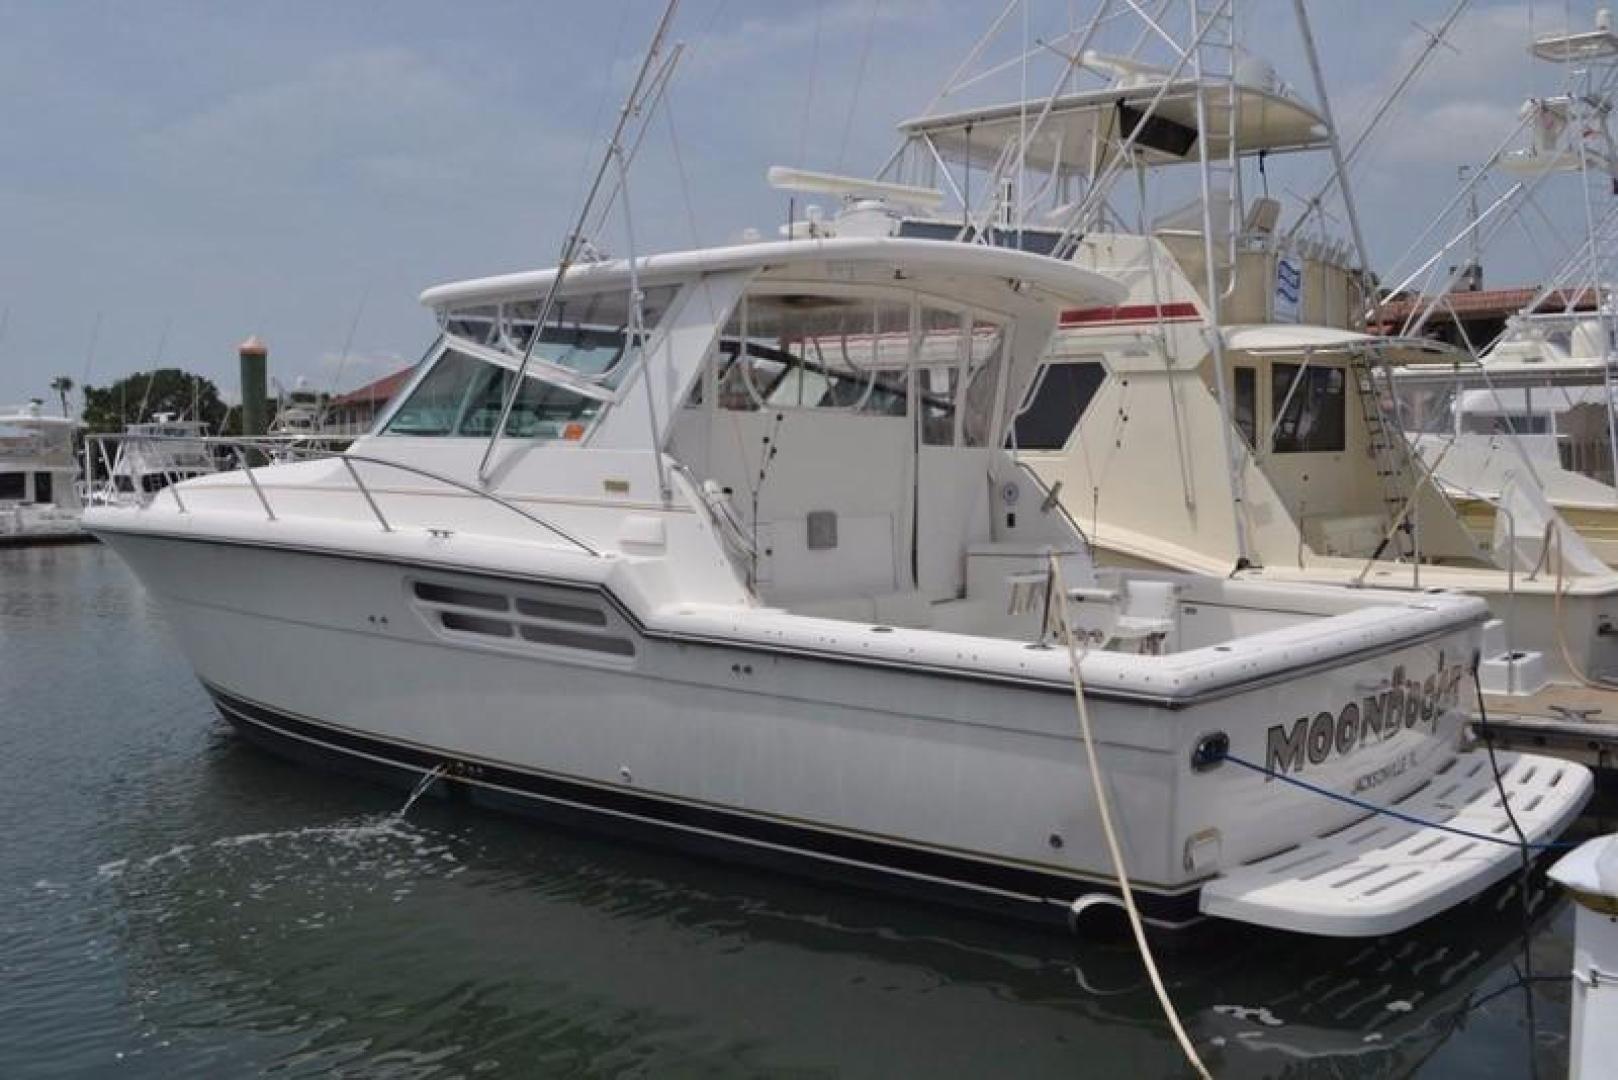 Tiara-4100 Open 2000-Moondoggie St. Augustine-Florida-United States-Profile-924405 | Thumbnail